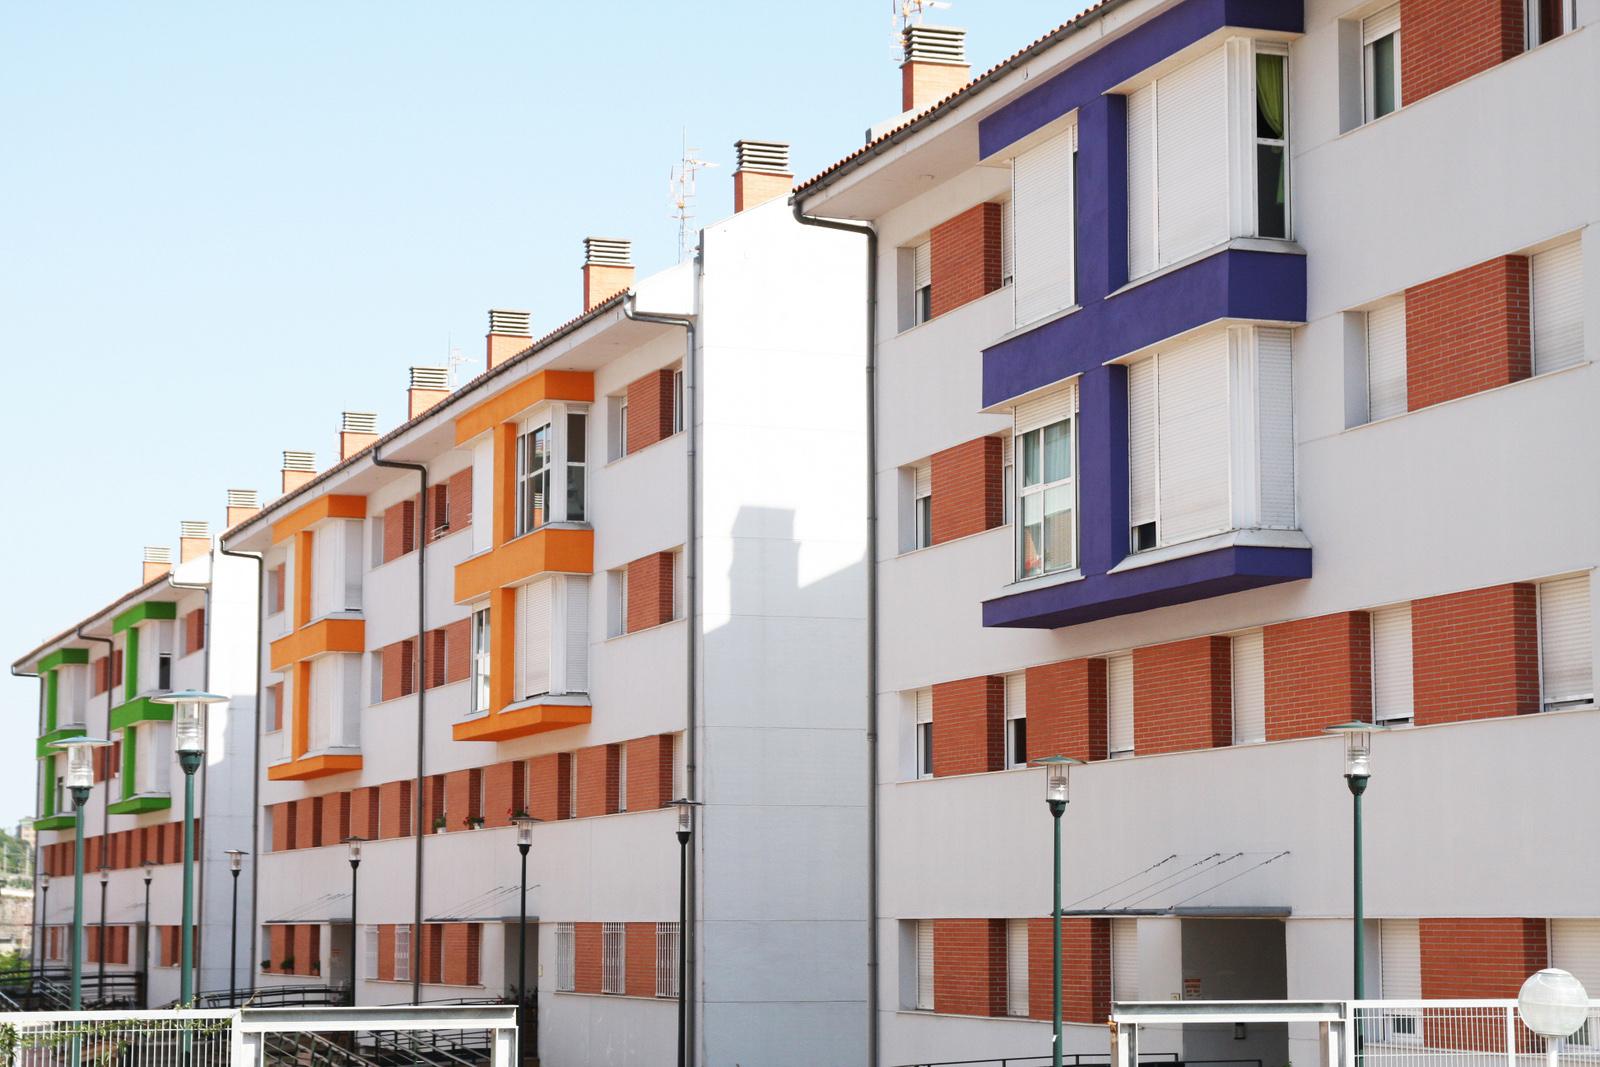 viviendas vpo y sociales en olabeaga bilbao estudio k